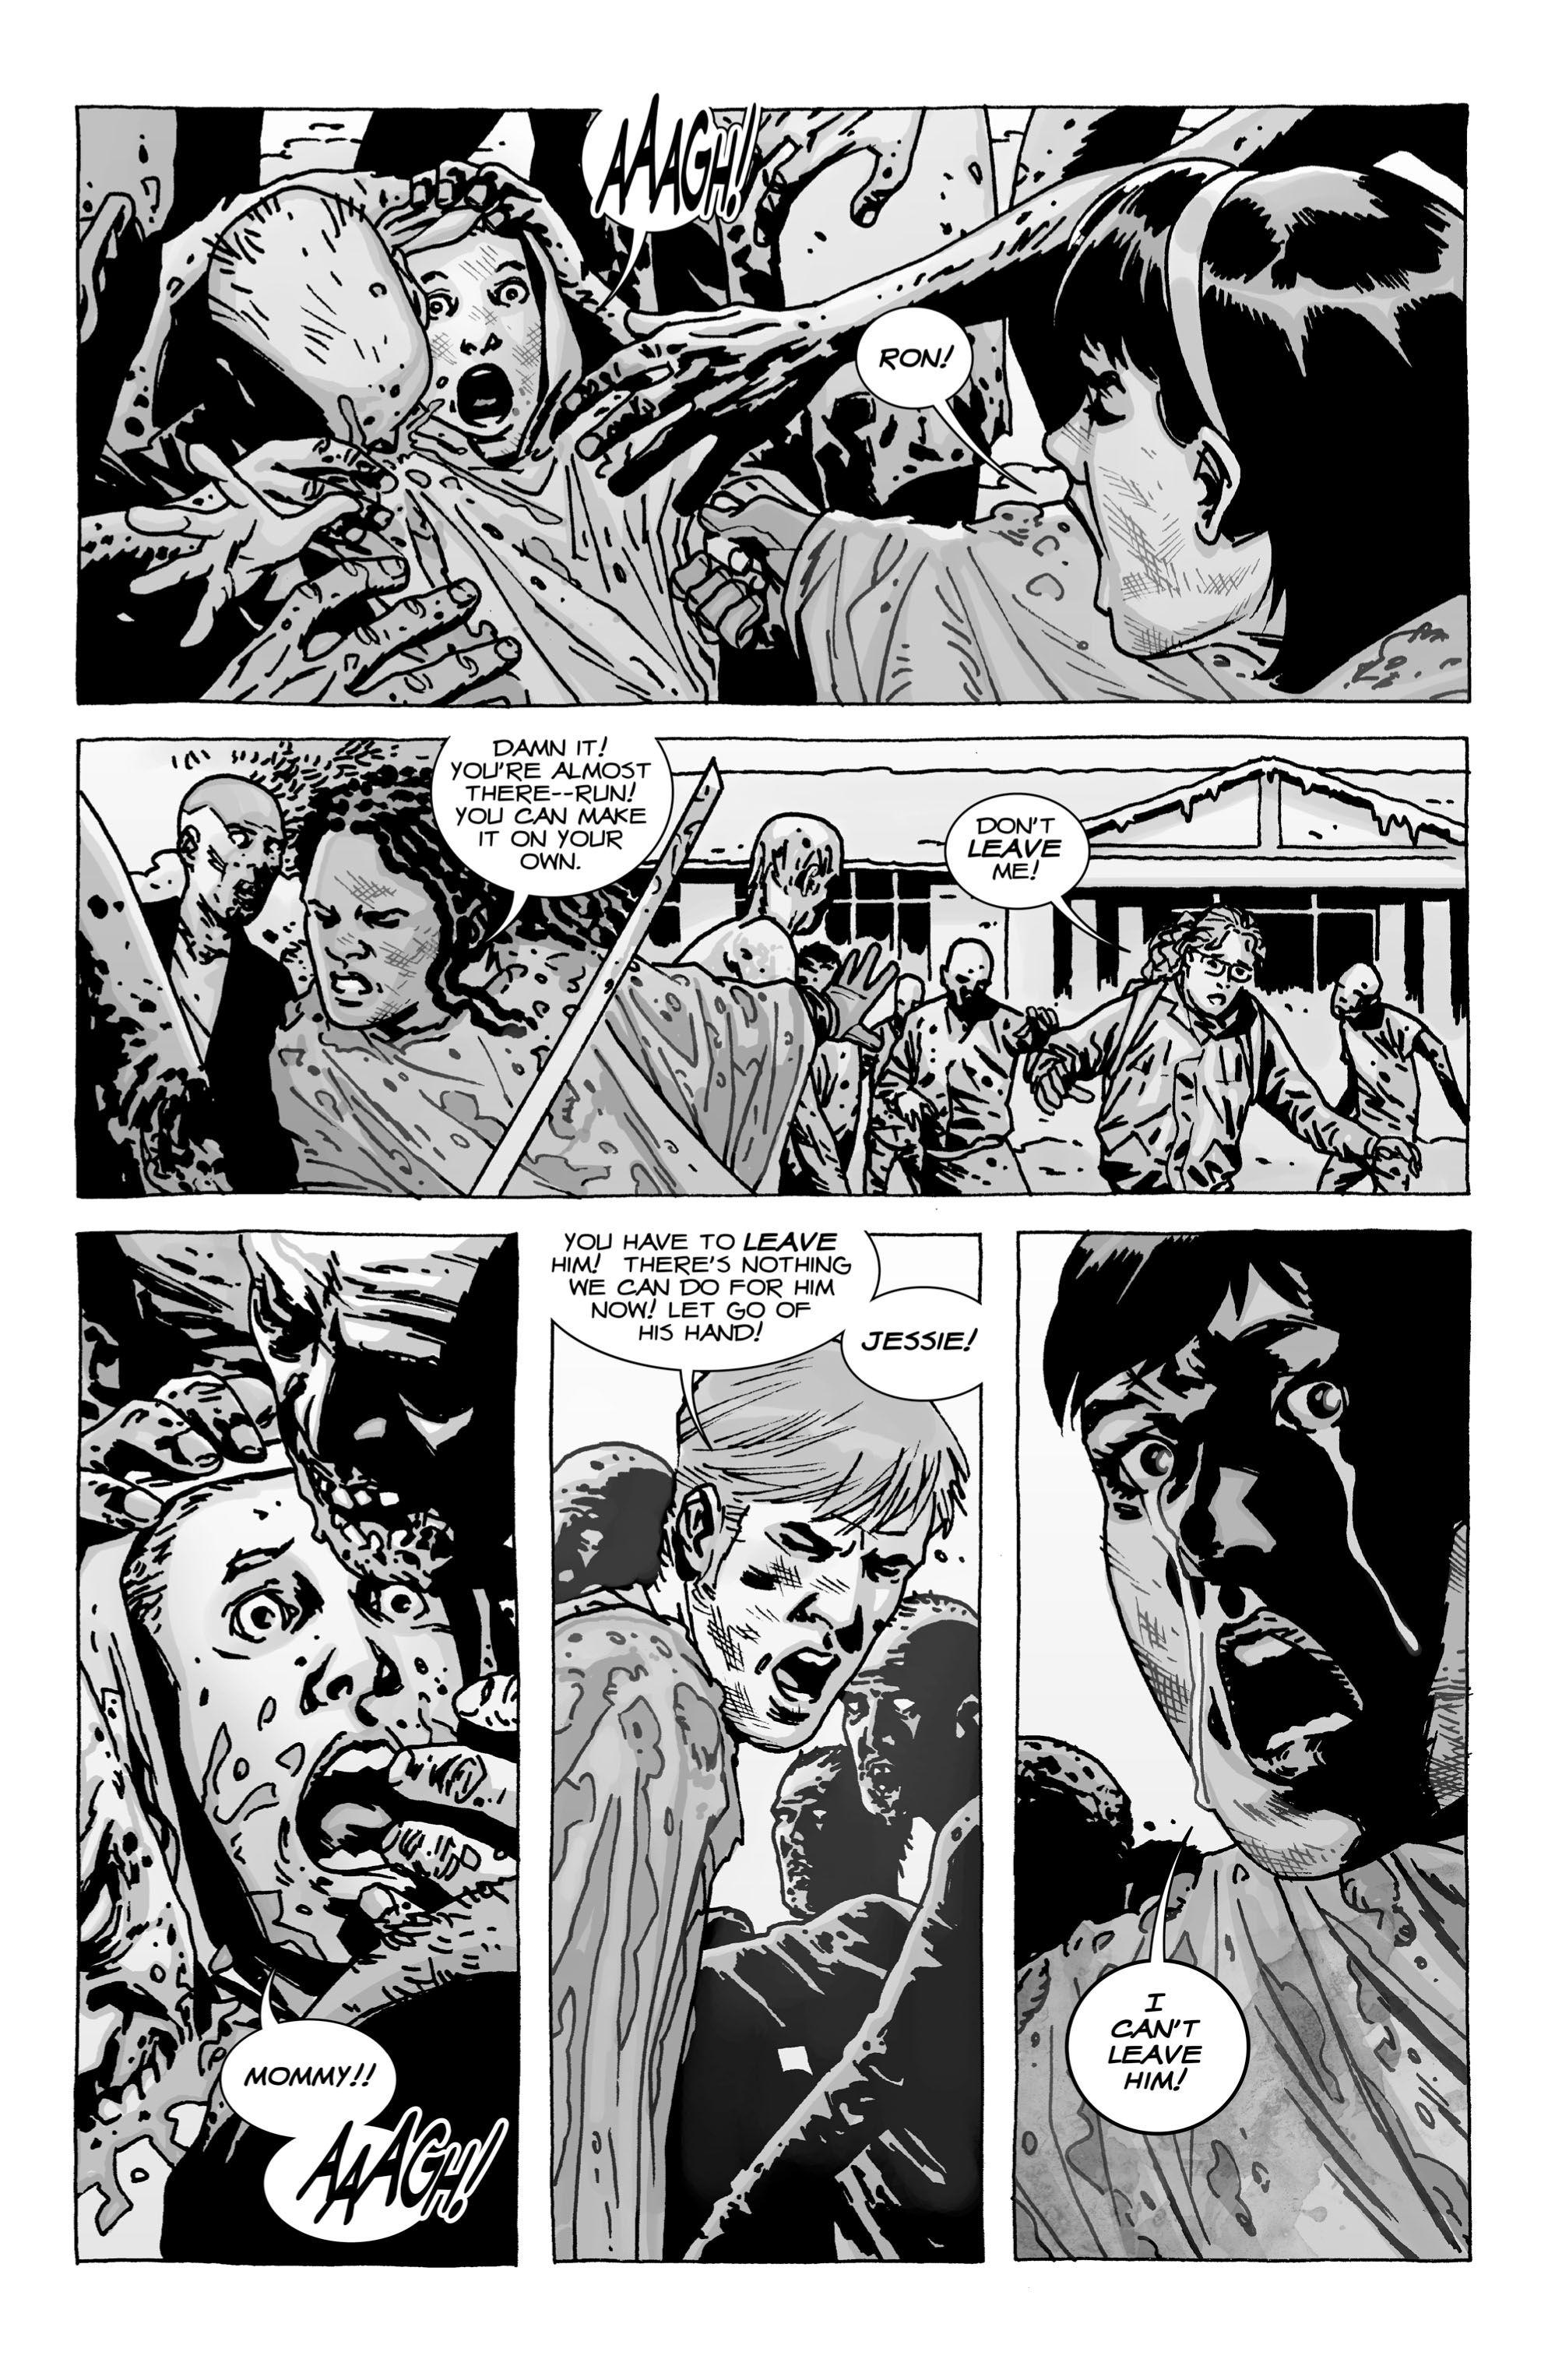 The Walking Dead Issue #83 - Read The Walking Dead Issue #83